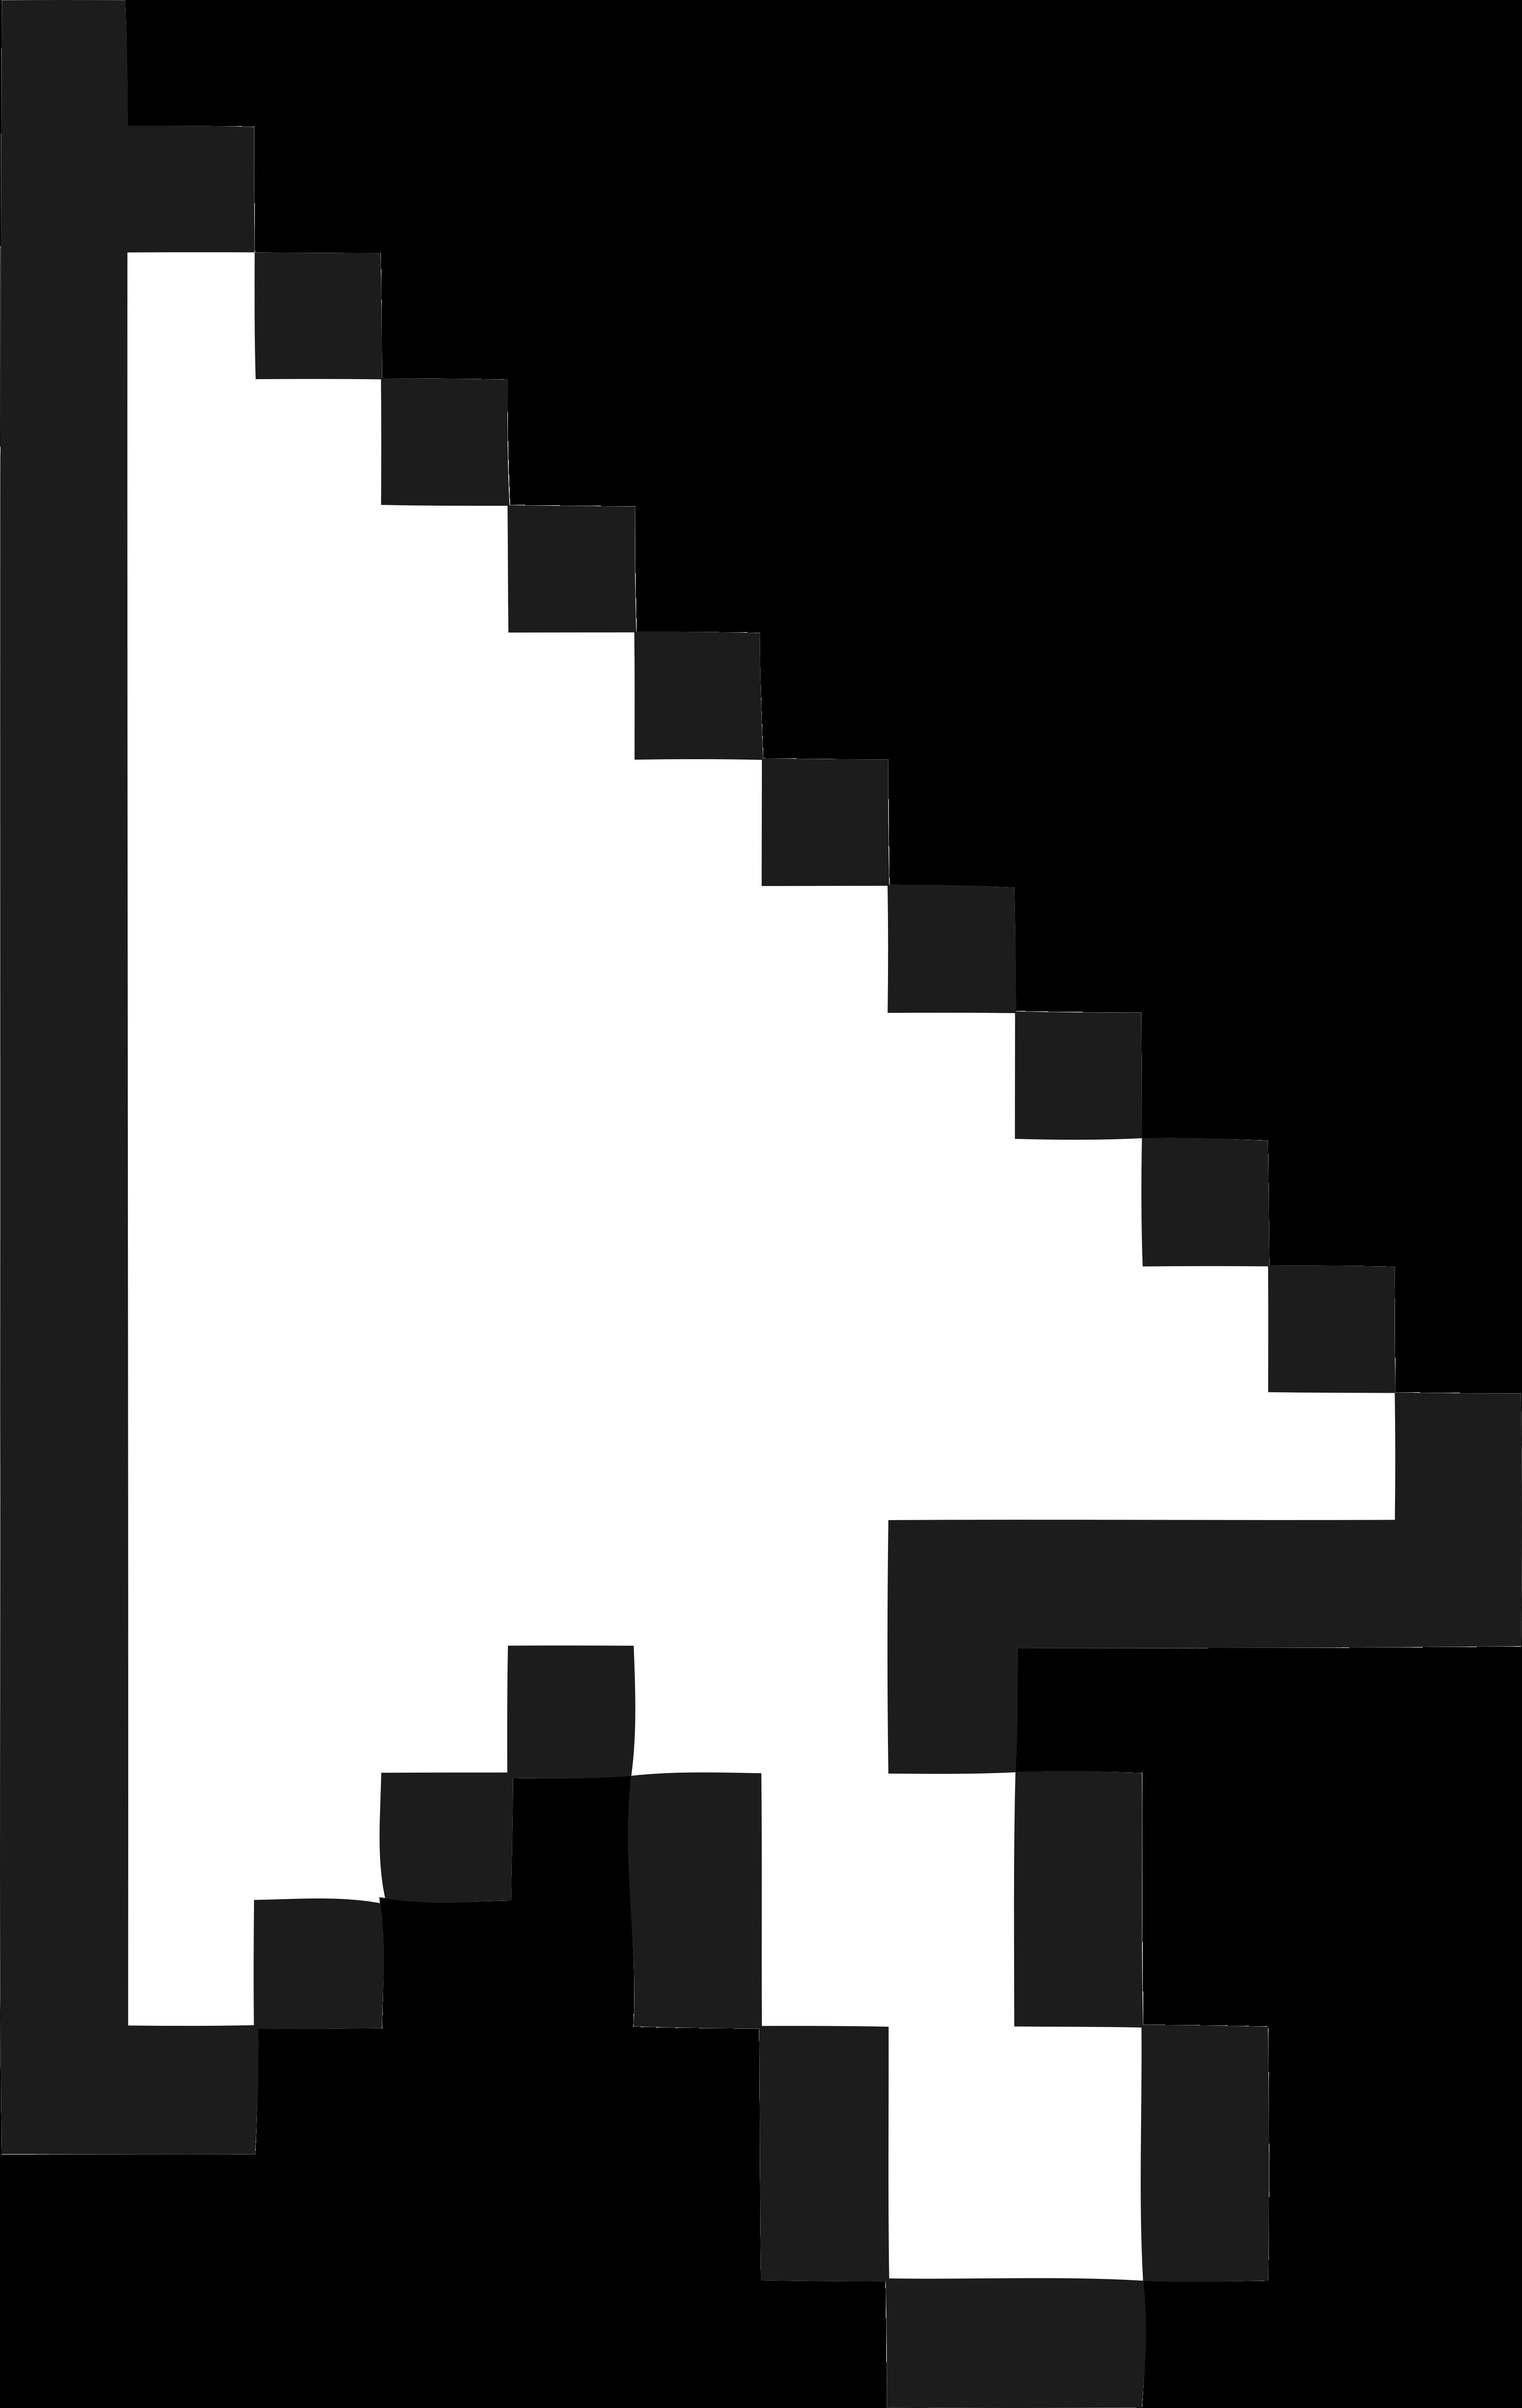 seta do mouse  u2013 cursor do mouse